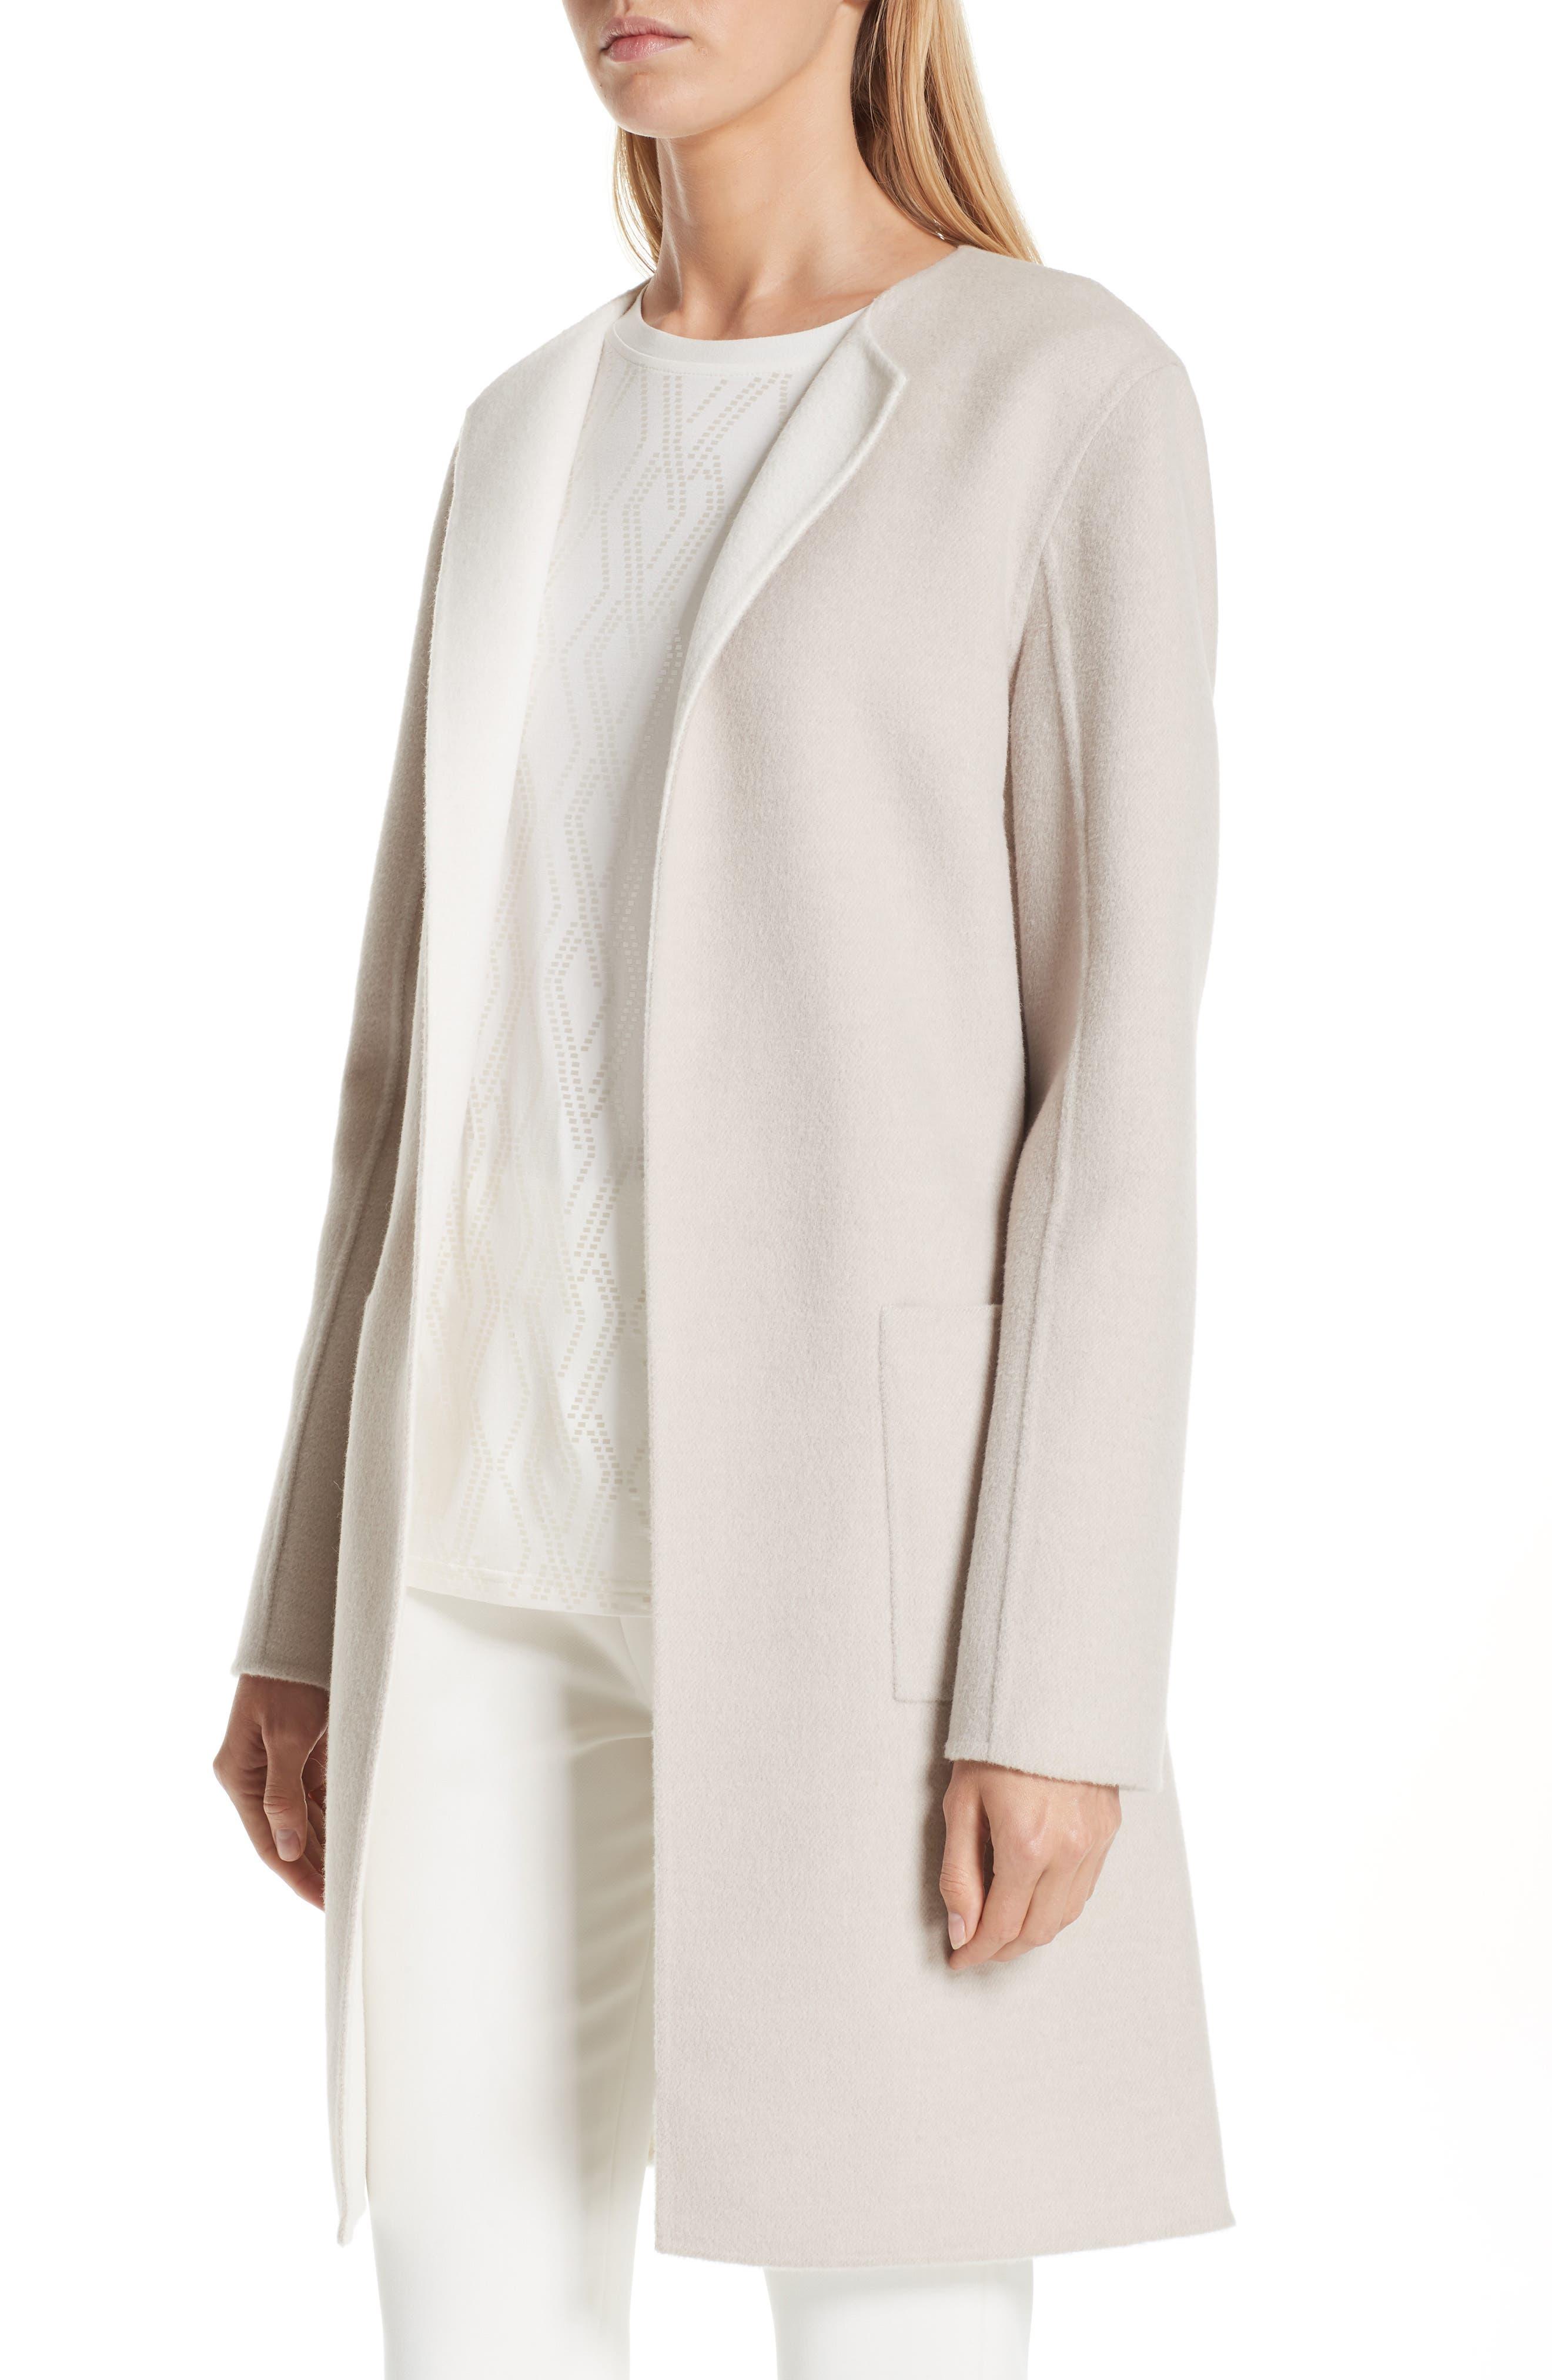 Reversible Double Face Wool & Angora Blend Topper,                             Alternate thumbnail 6, color,                             HAZELNUT MELANGE/ CREAM